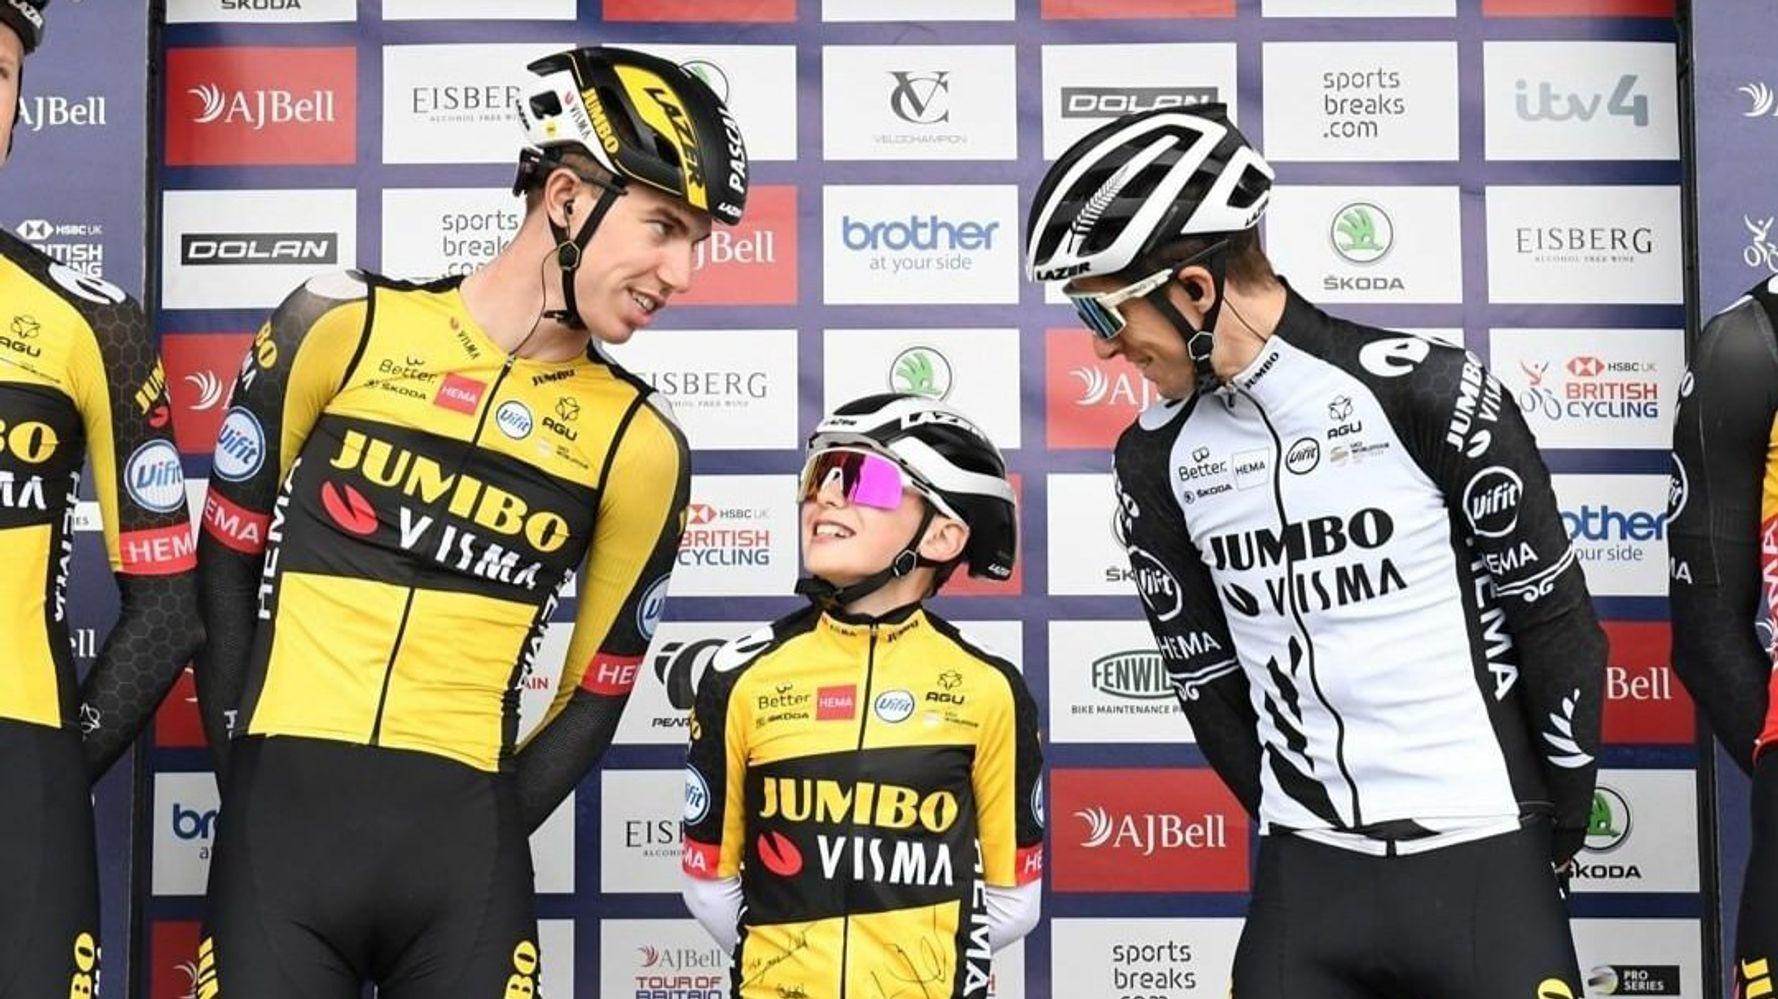 Sur le Tour cycliste de Grande-Bretagne, ce petit garçon a volé la vedette au peloton